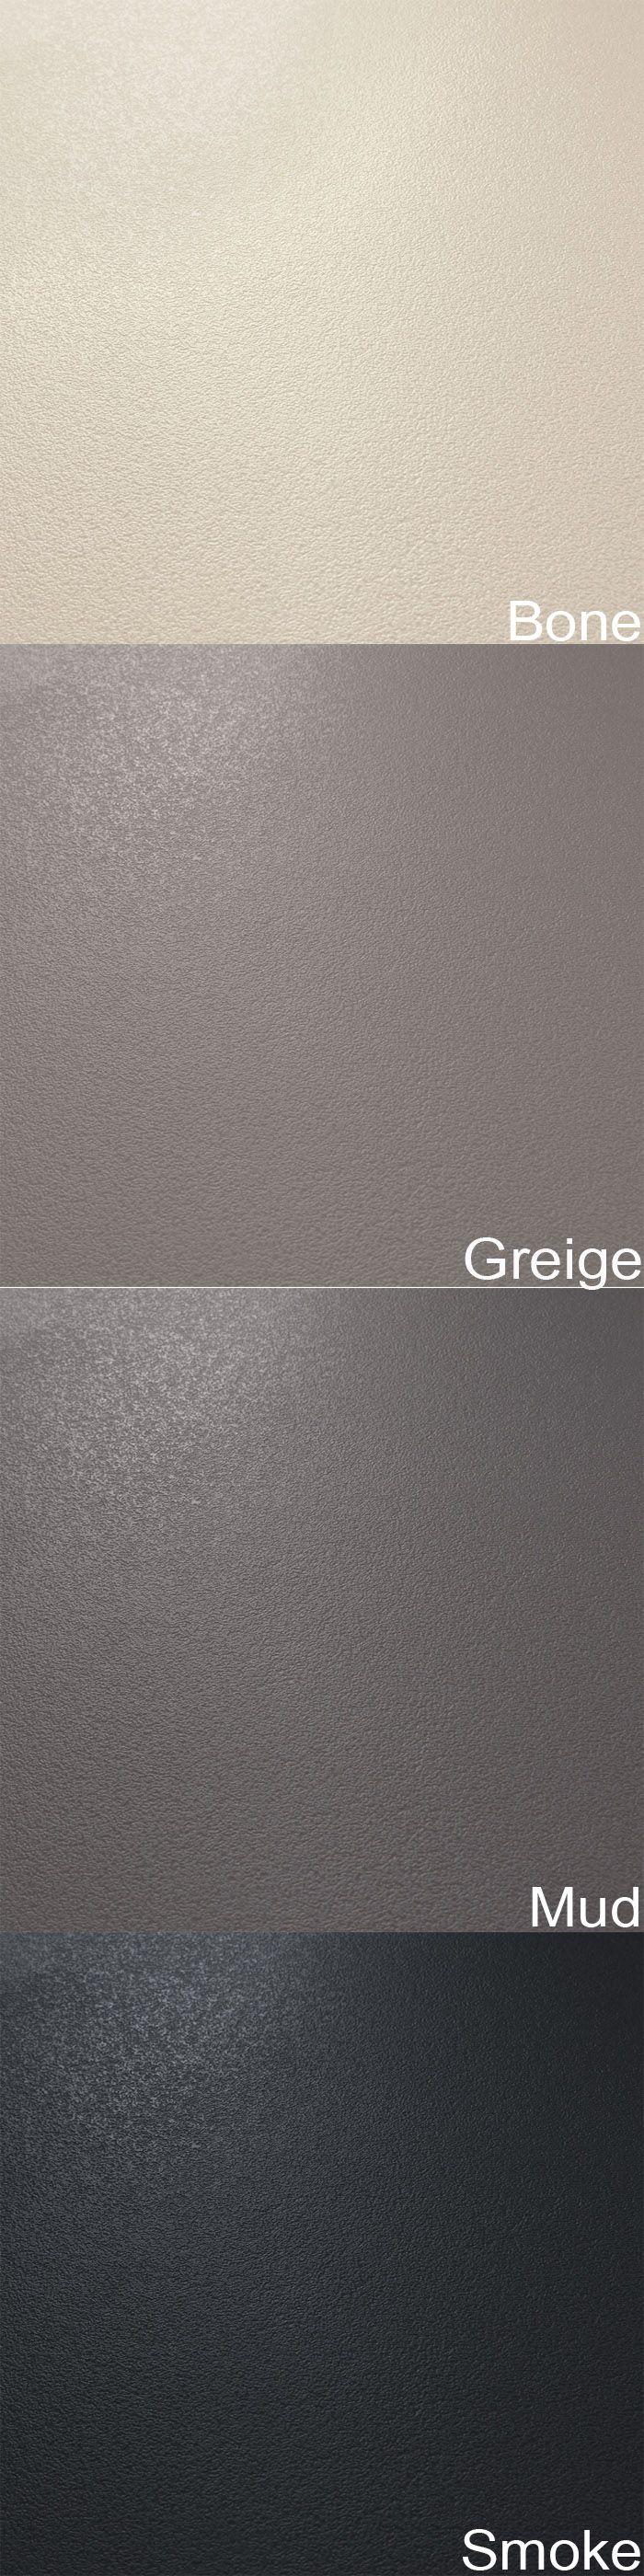 FADE www.brixweb.com #brix #tile #tiles